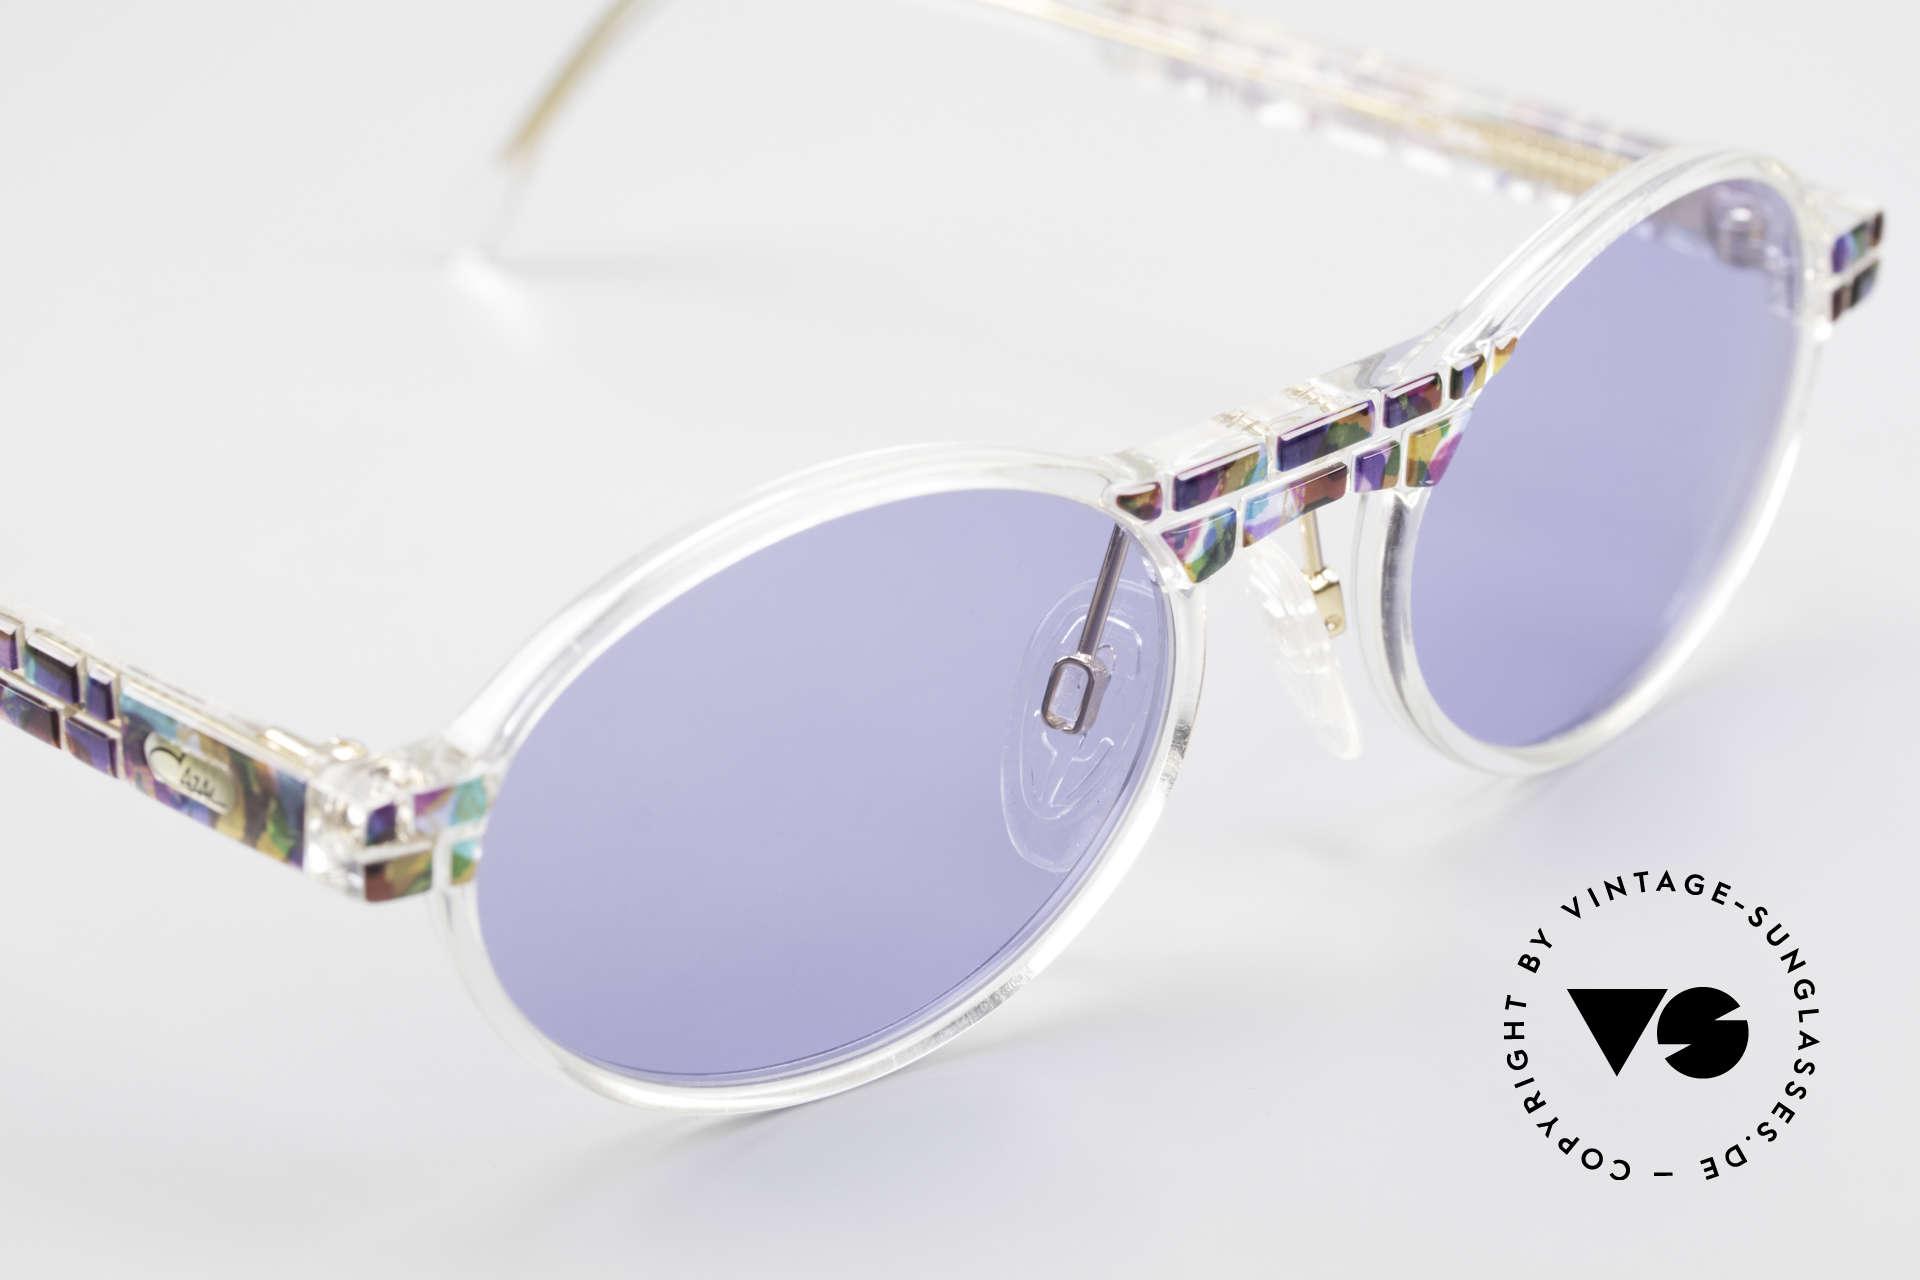 Cazal 510 Ovale Vintage Cazal Limited, ungetragen (wie alle unsere vintage CAZAL Brillen), Passend für Herren und Damen